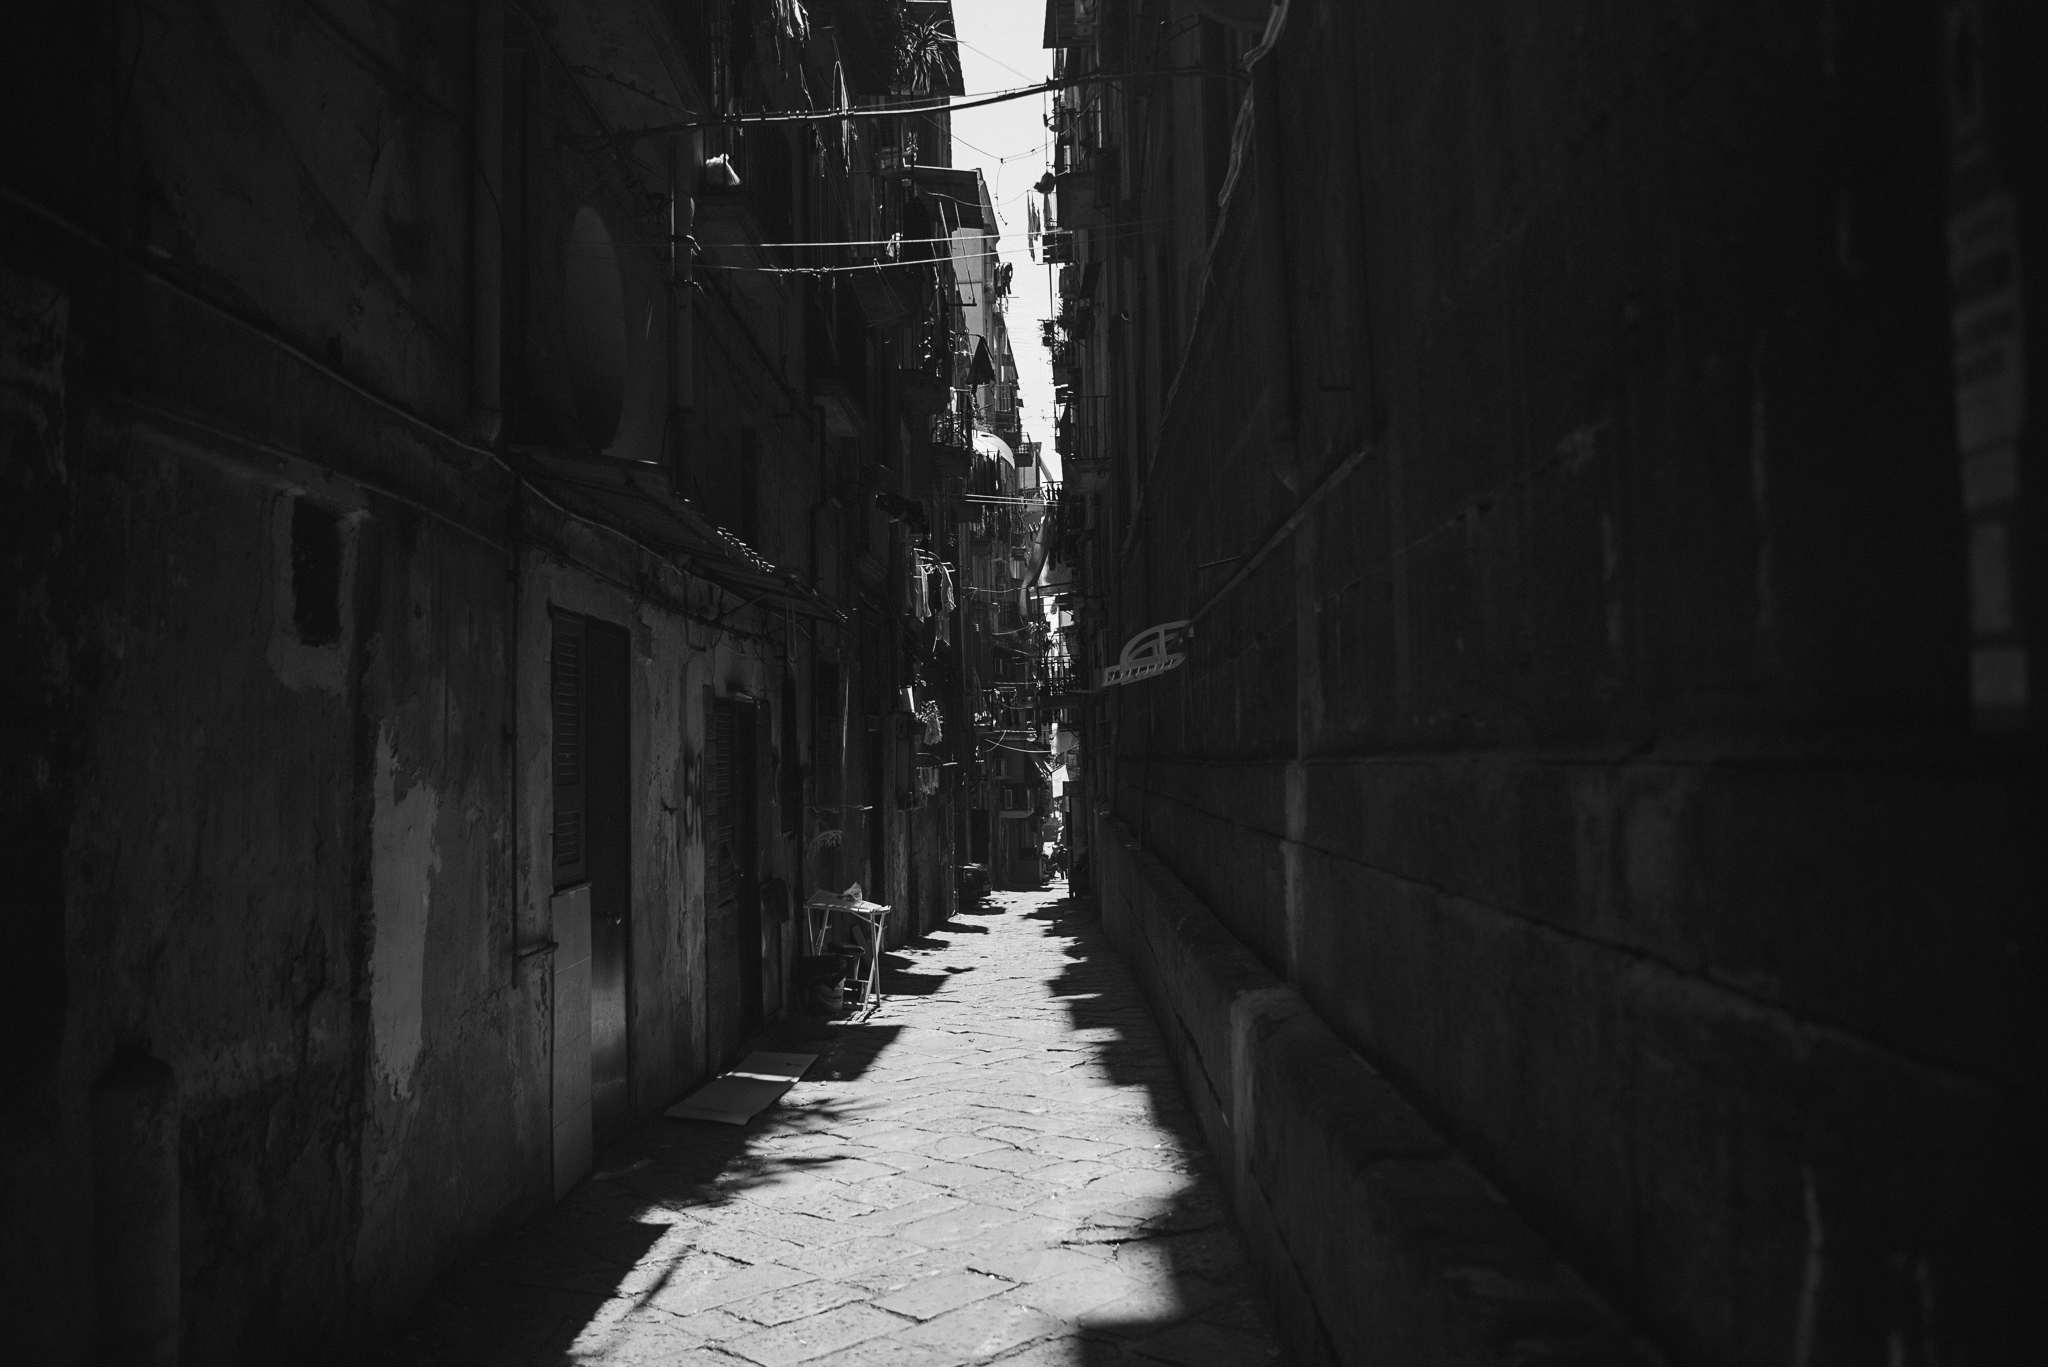 Interrail Reise - Italien Neapel - Geschichten von unterwegs - Foto Daniel Kempf-Seifried-35